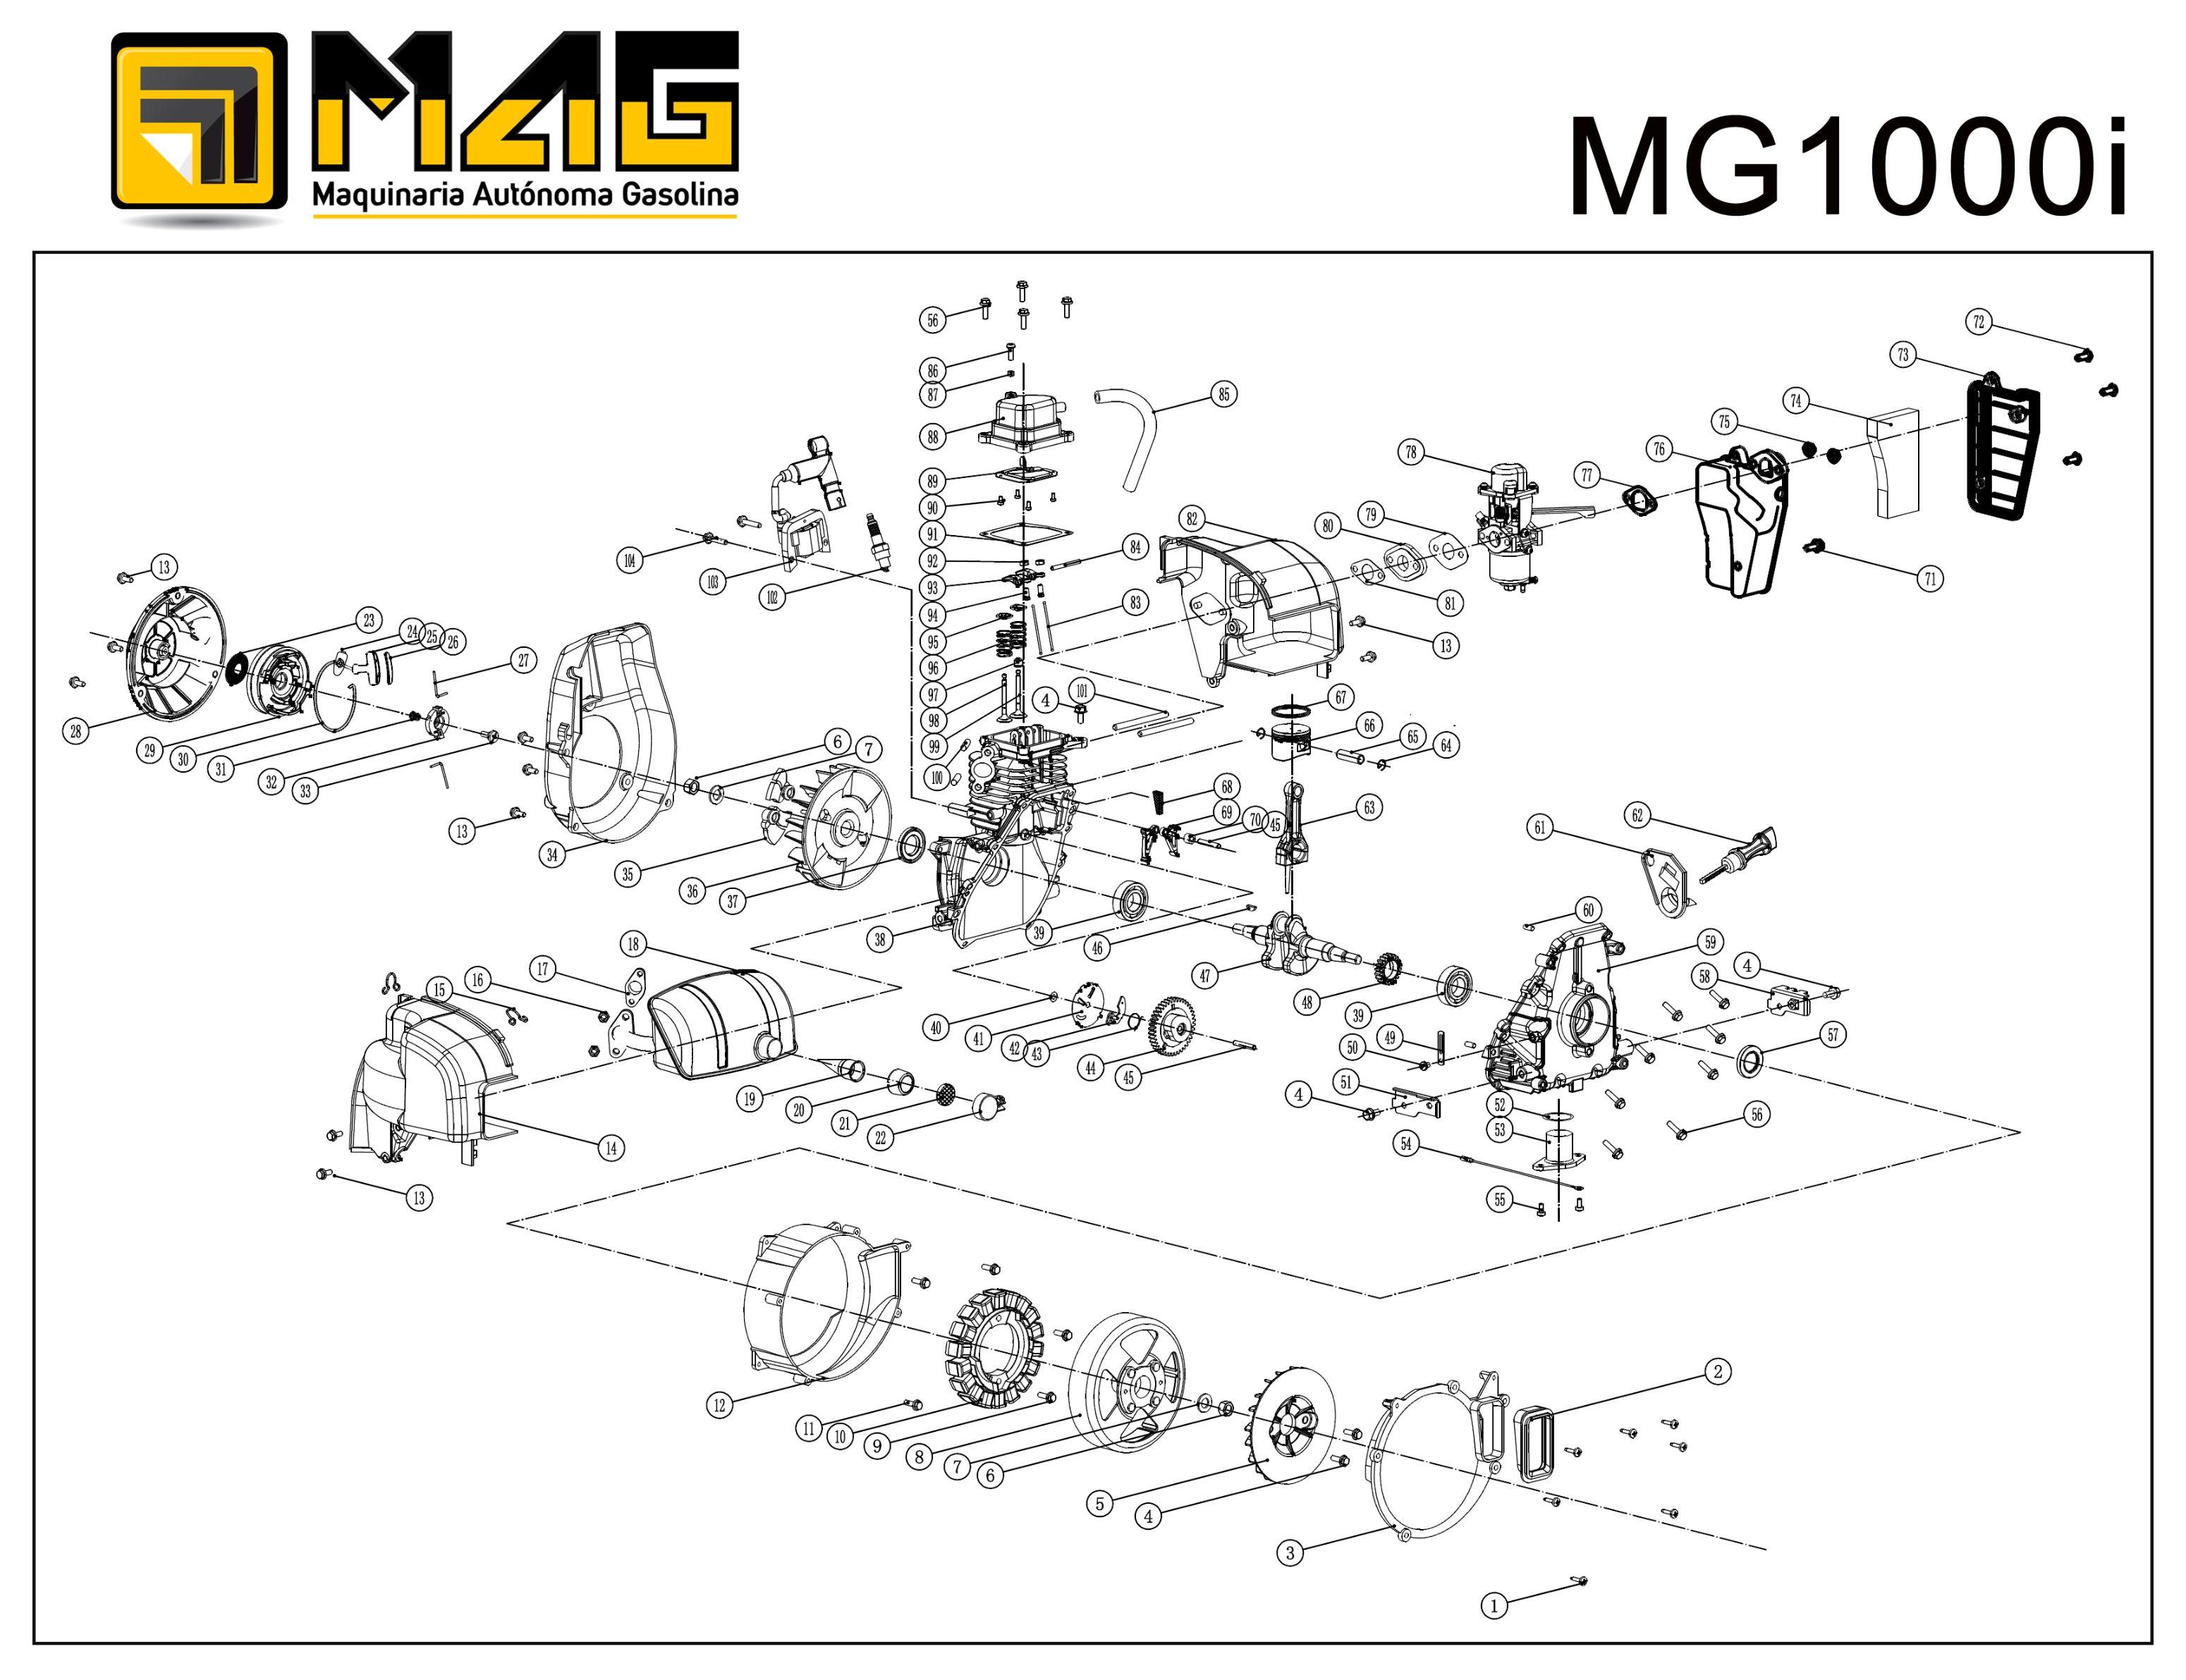 Explosión Motor MG1000i